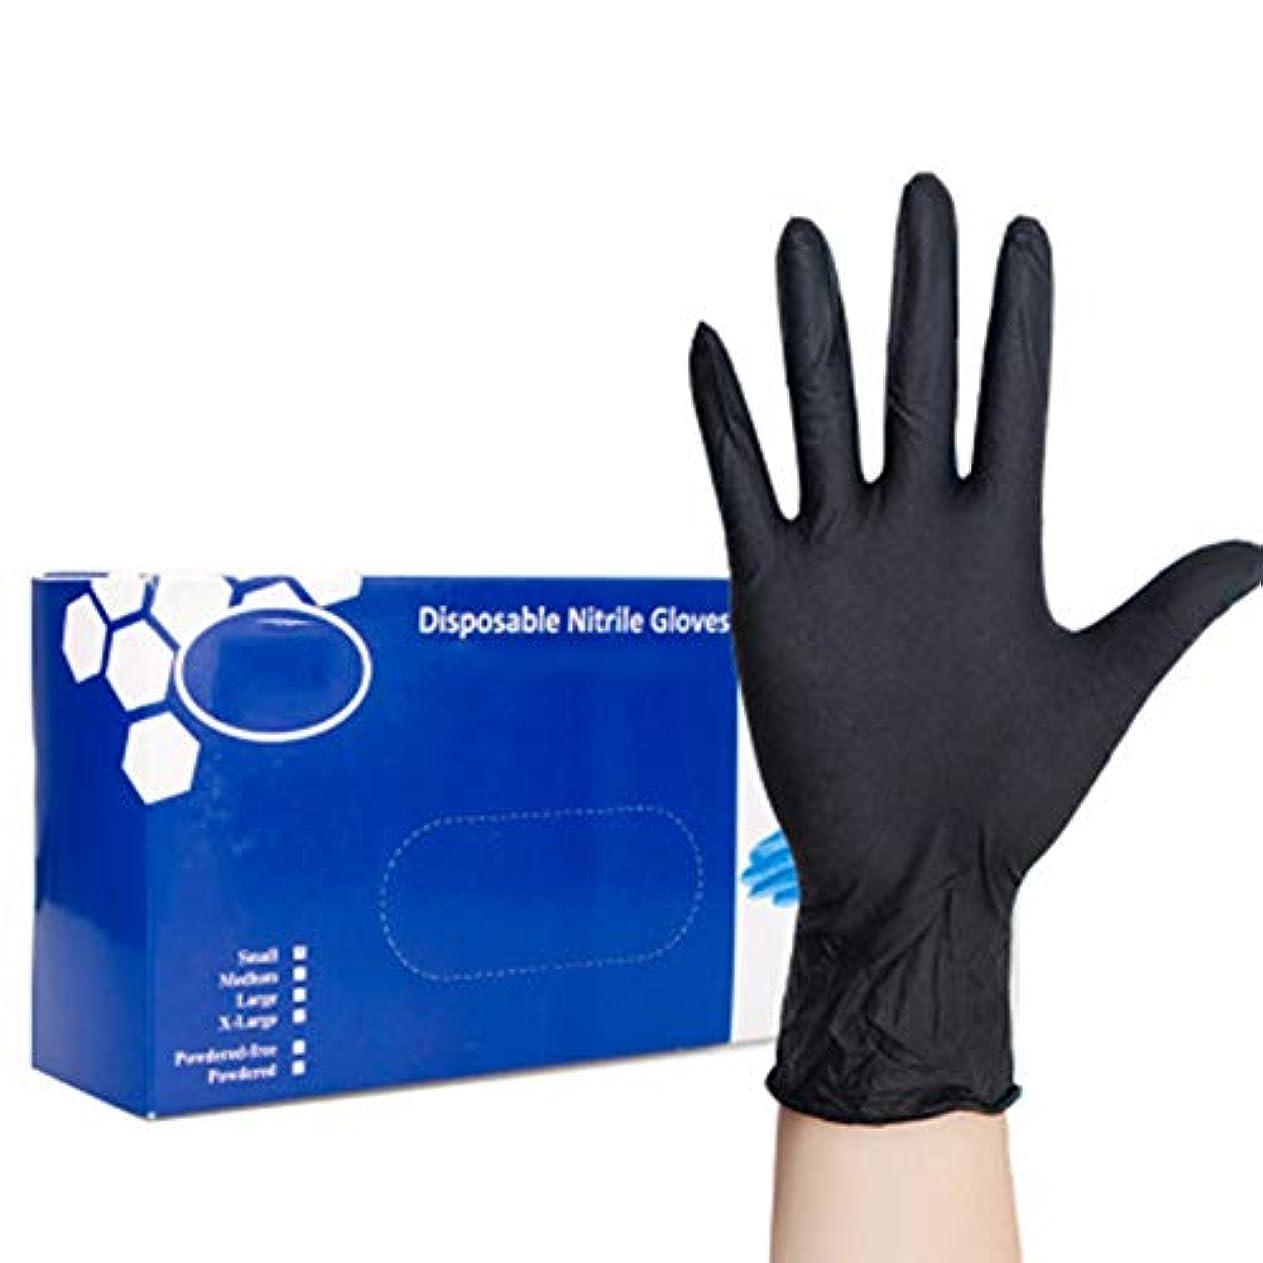 反対した衝突するハム使い捨てニトリル手袋 滑りにくい 超弾性 多用途 黒 耐摩耗性および耐汚染性の美容サロングローブ(1箱100個)